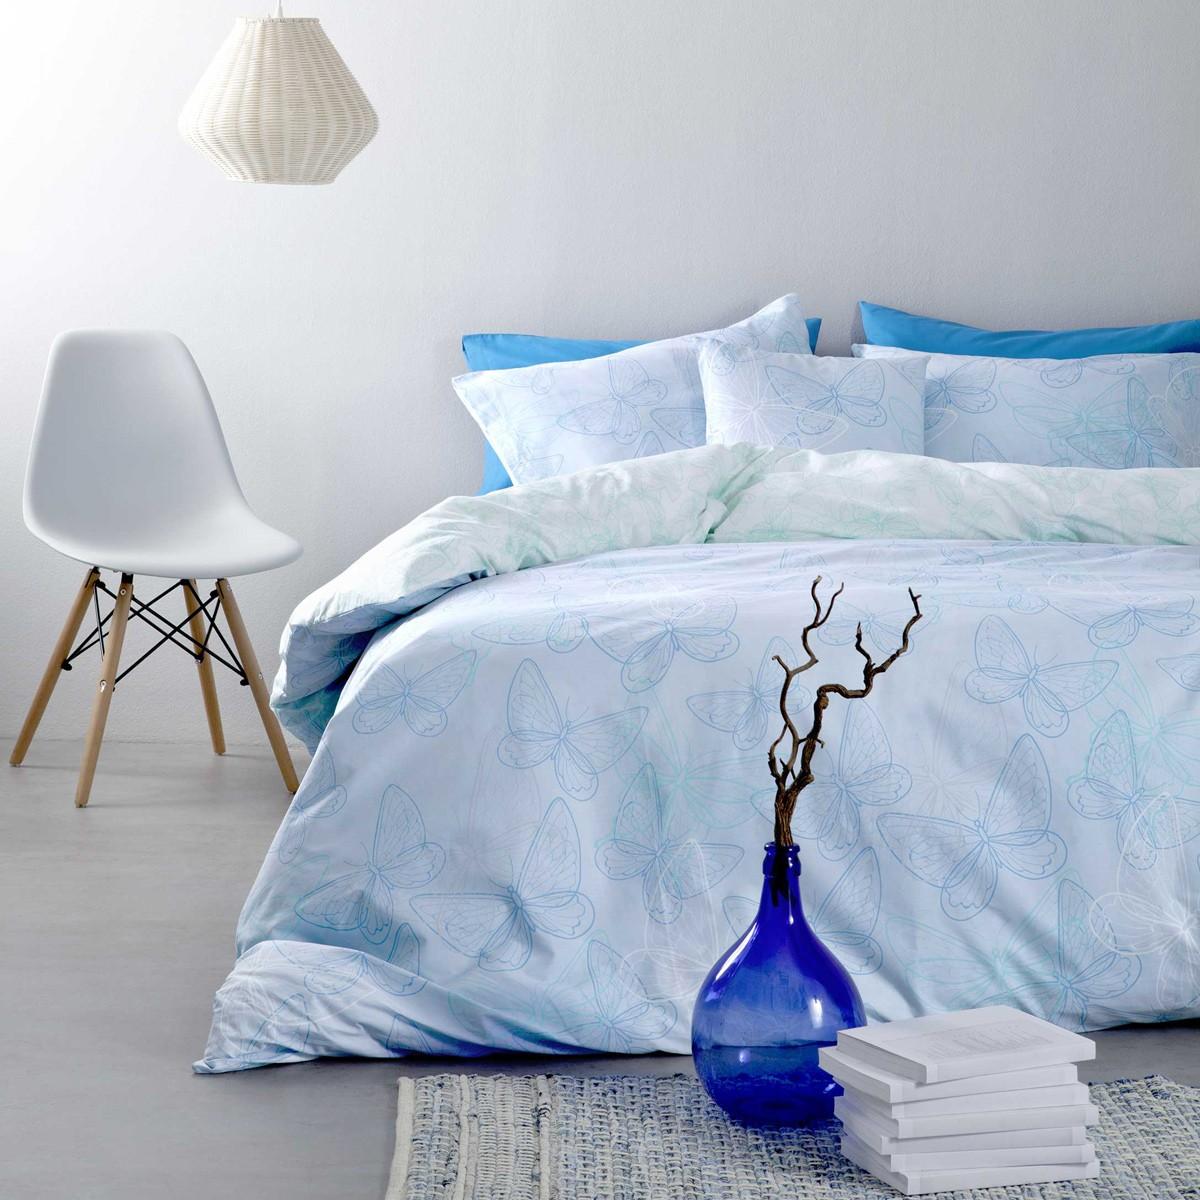 Κουβερλί Υπέρδιπλο Nima Bed Linen Farfalita Blue